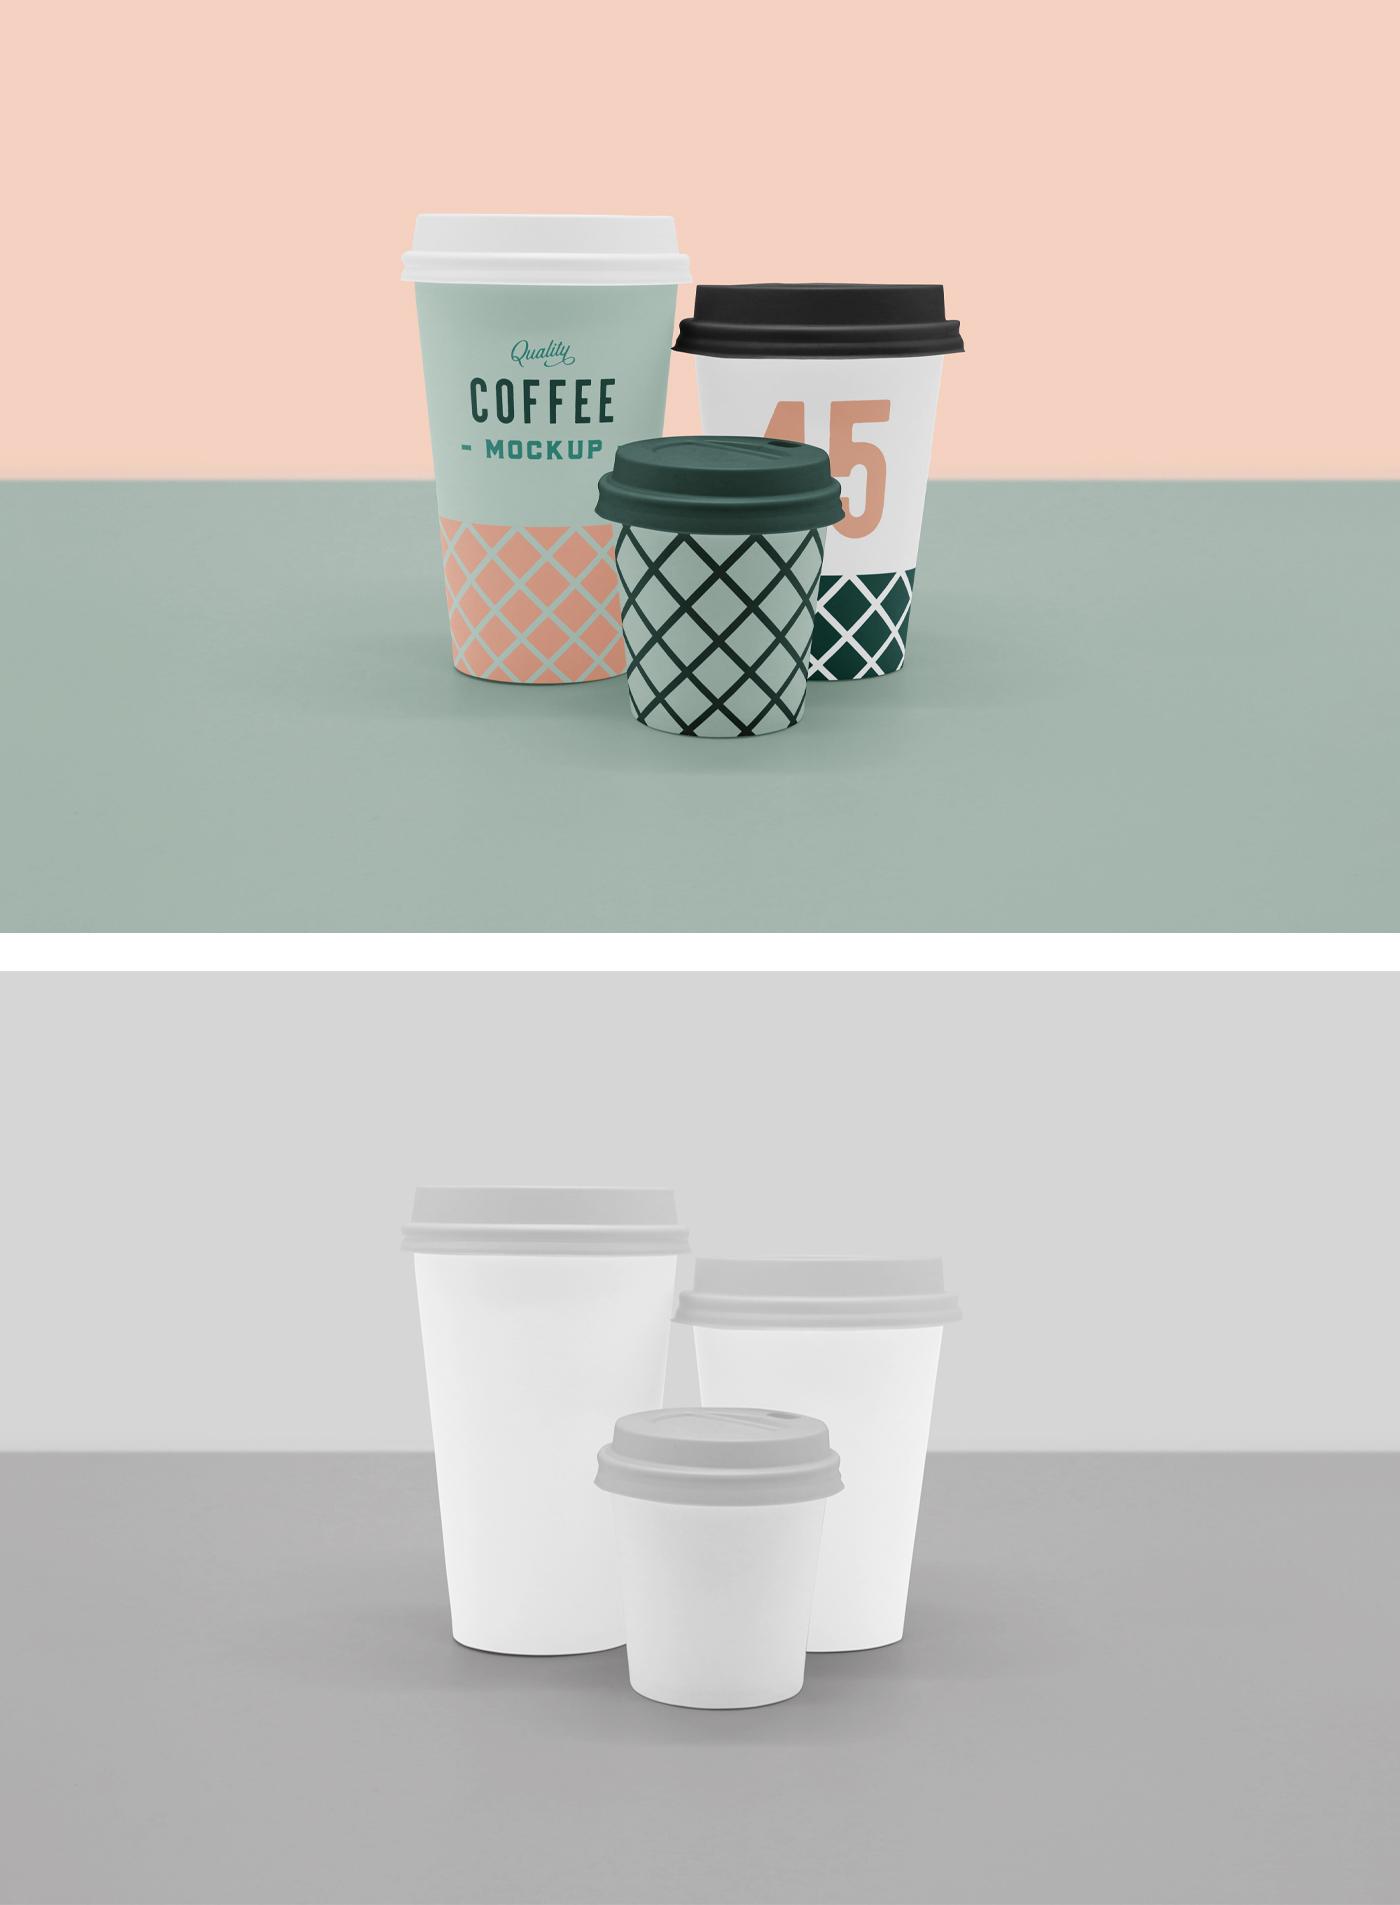 现场咖啡杯样机